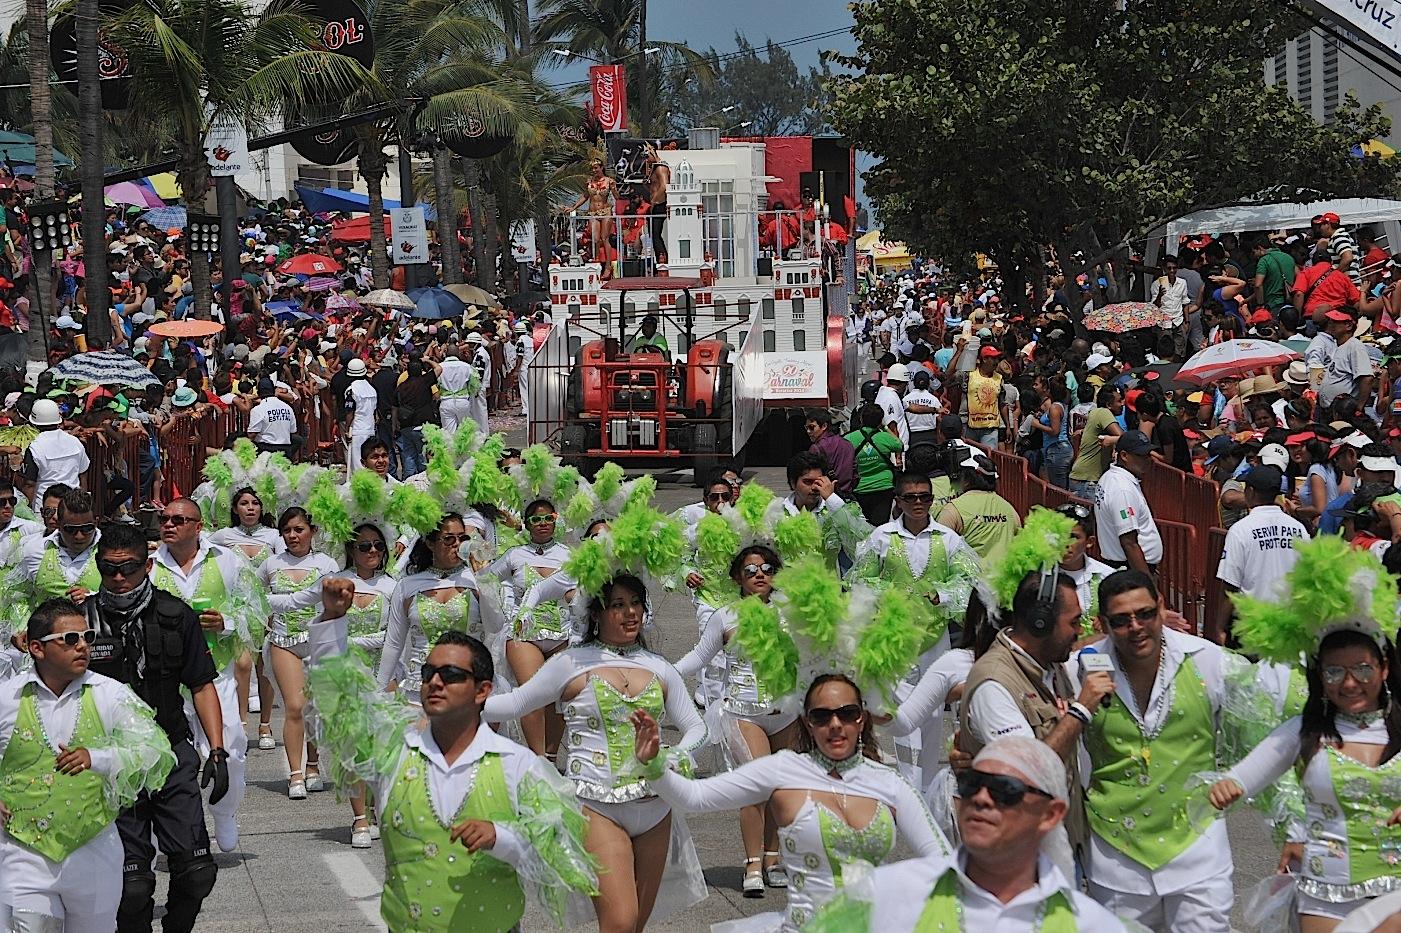 Delegación cubana no participará en el Carnaval de Veracruz